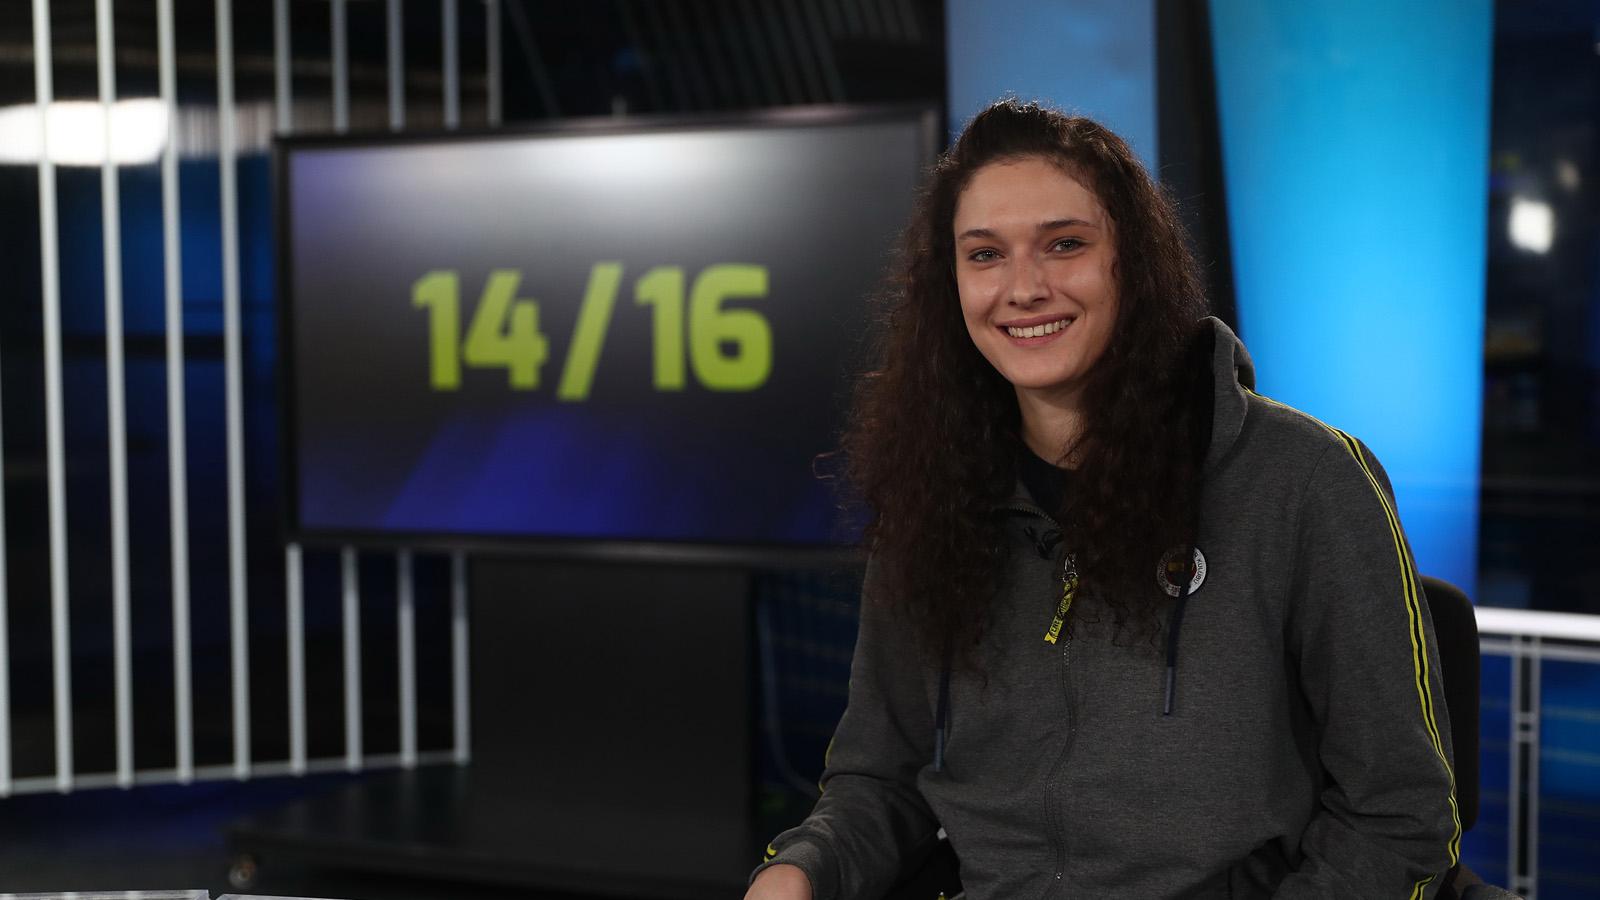 Cecilia Zandalasini 14/16 programına katıldı